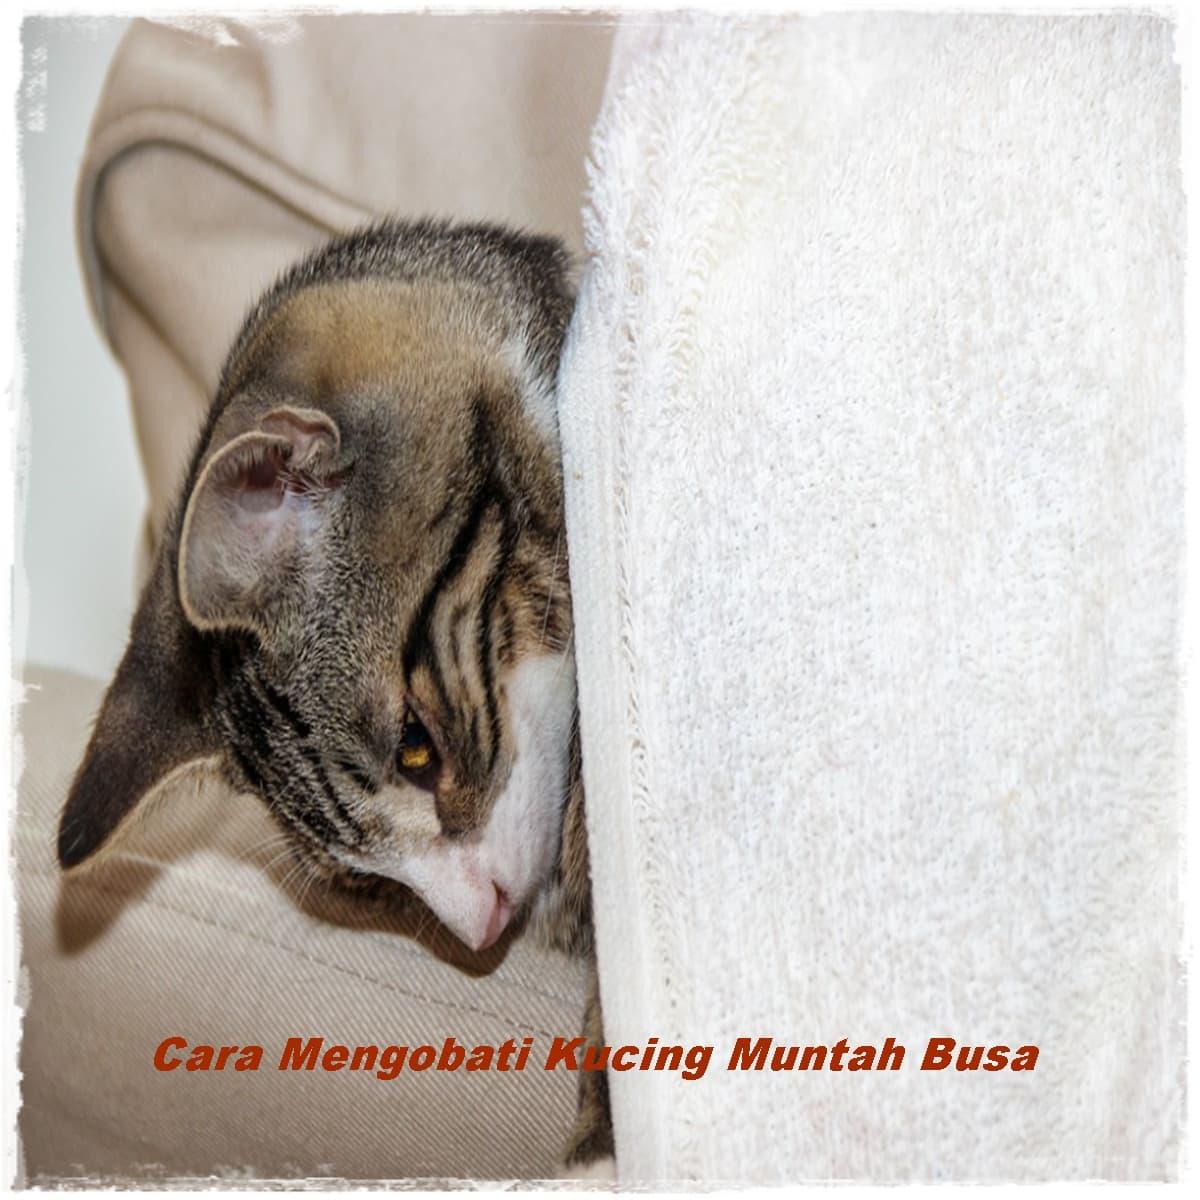 Cara Mengobati Kucing Muntah Busa, Lihat Disini ...